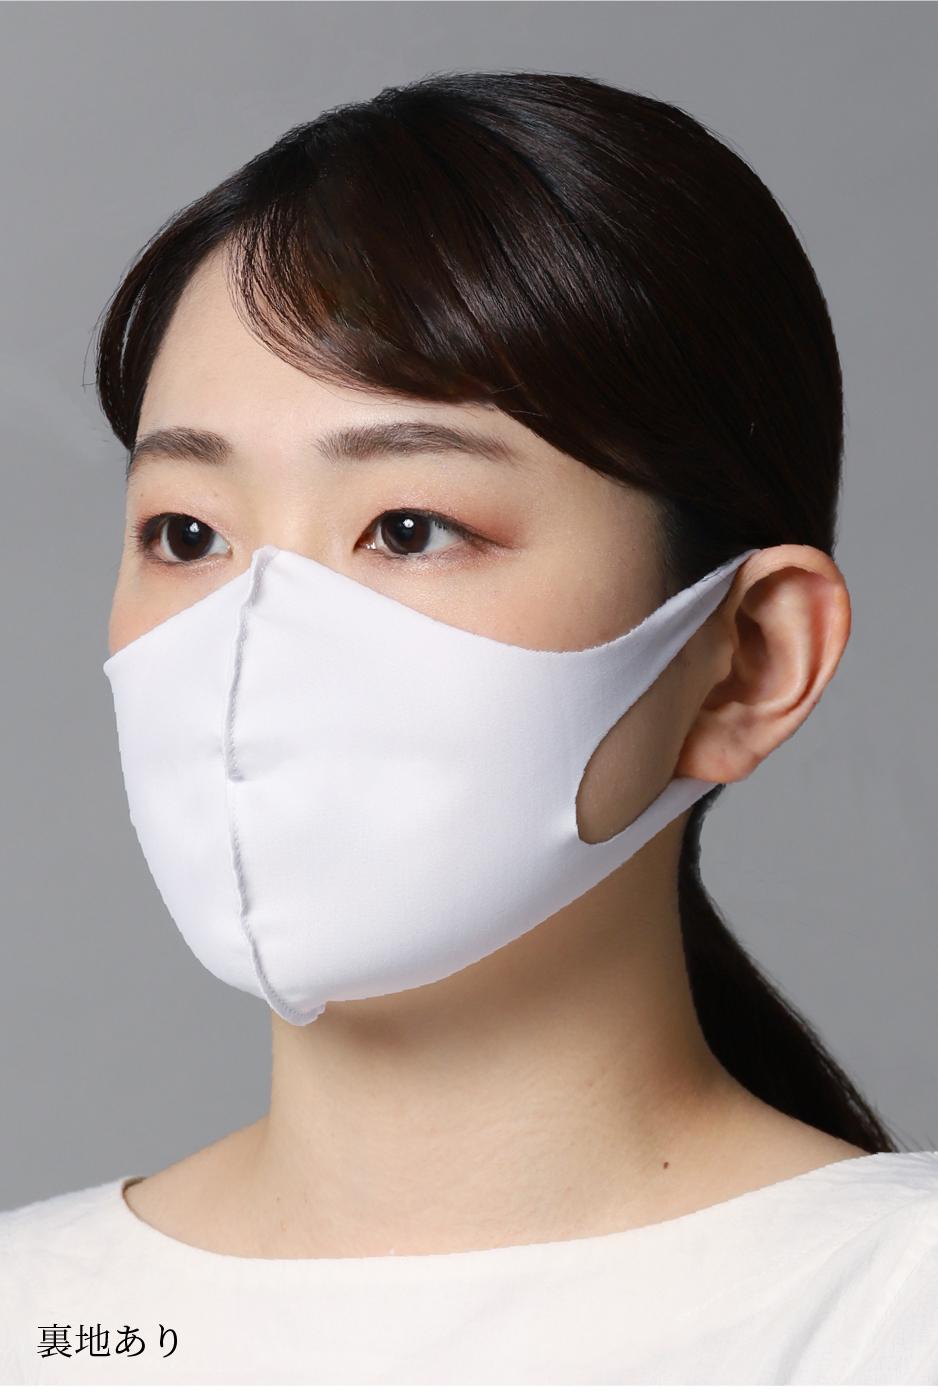 水着素材マスク(裏地付き)3枚セット